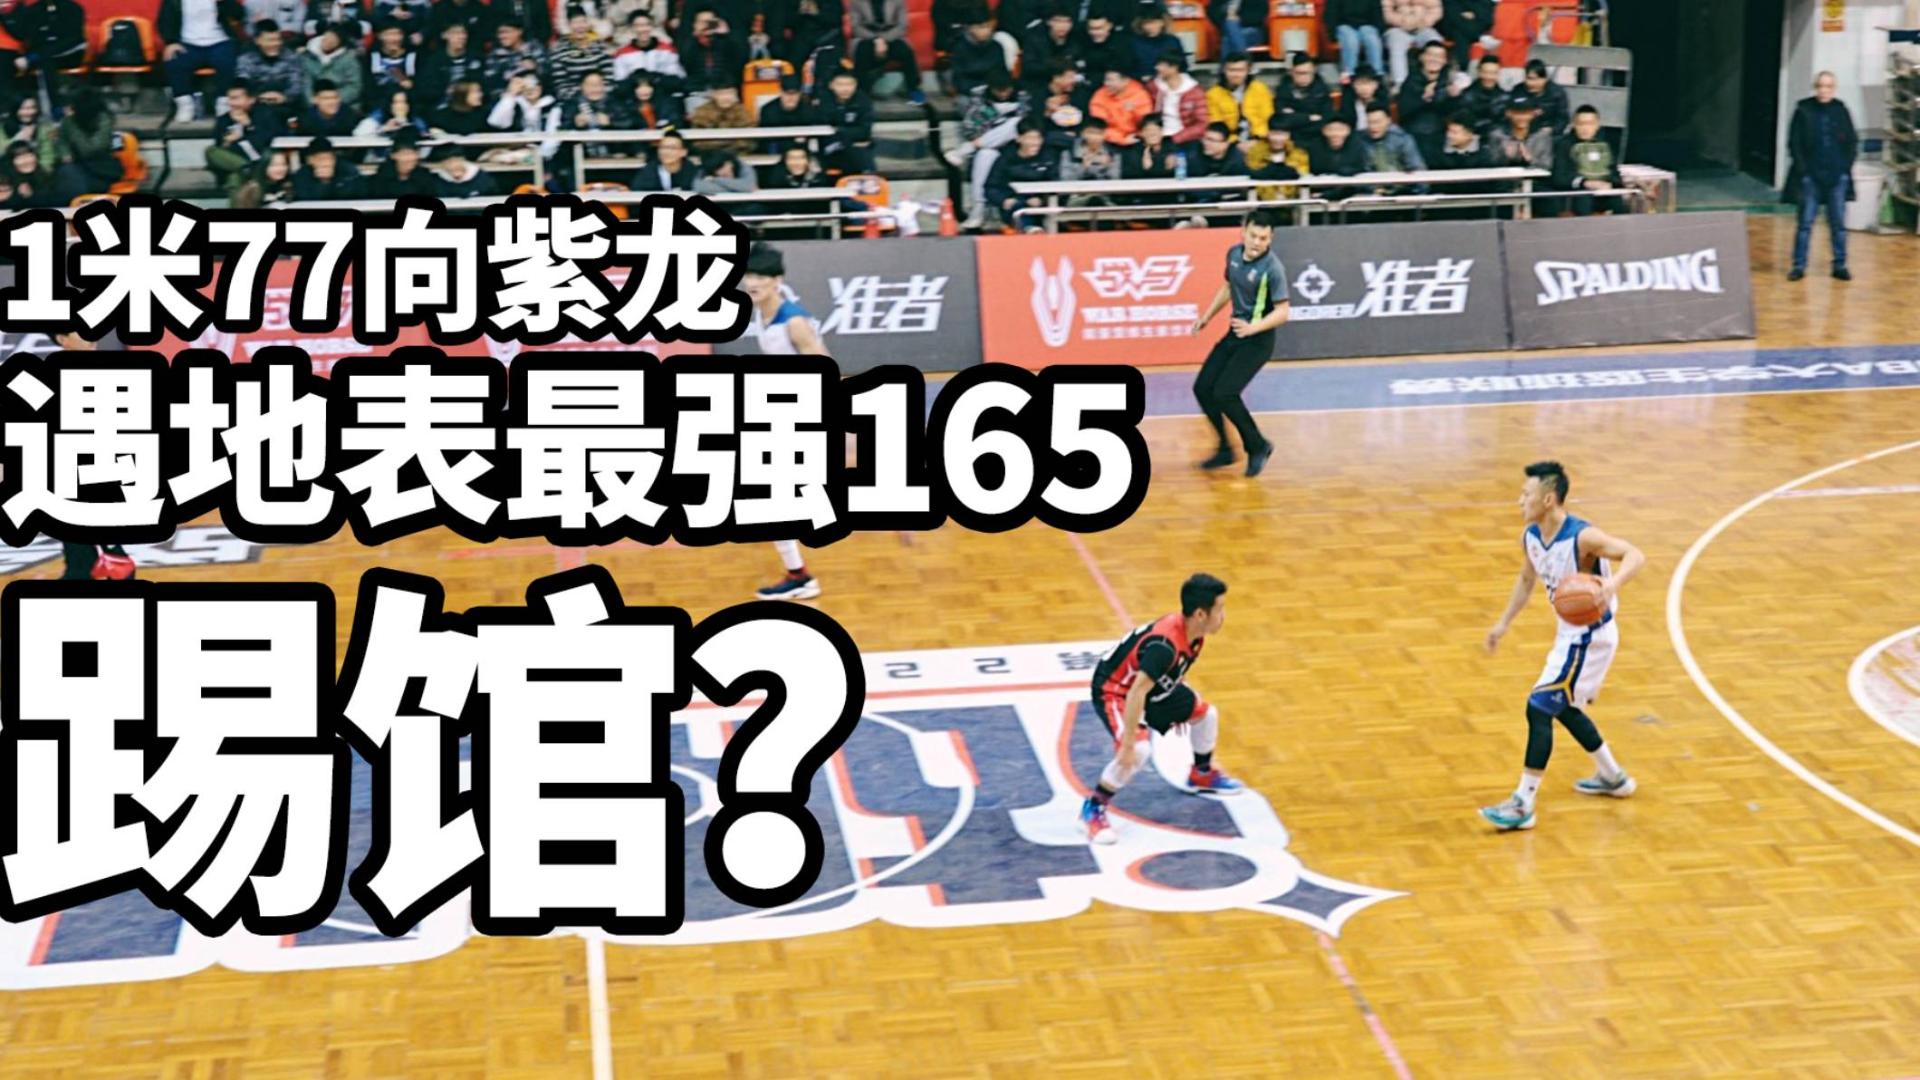 向紫龙武汉理工首秀,遇地表最强165踢馆?